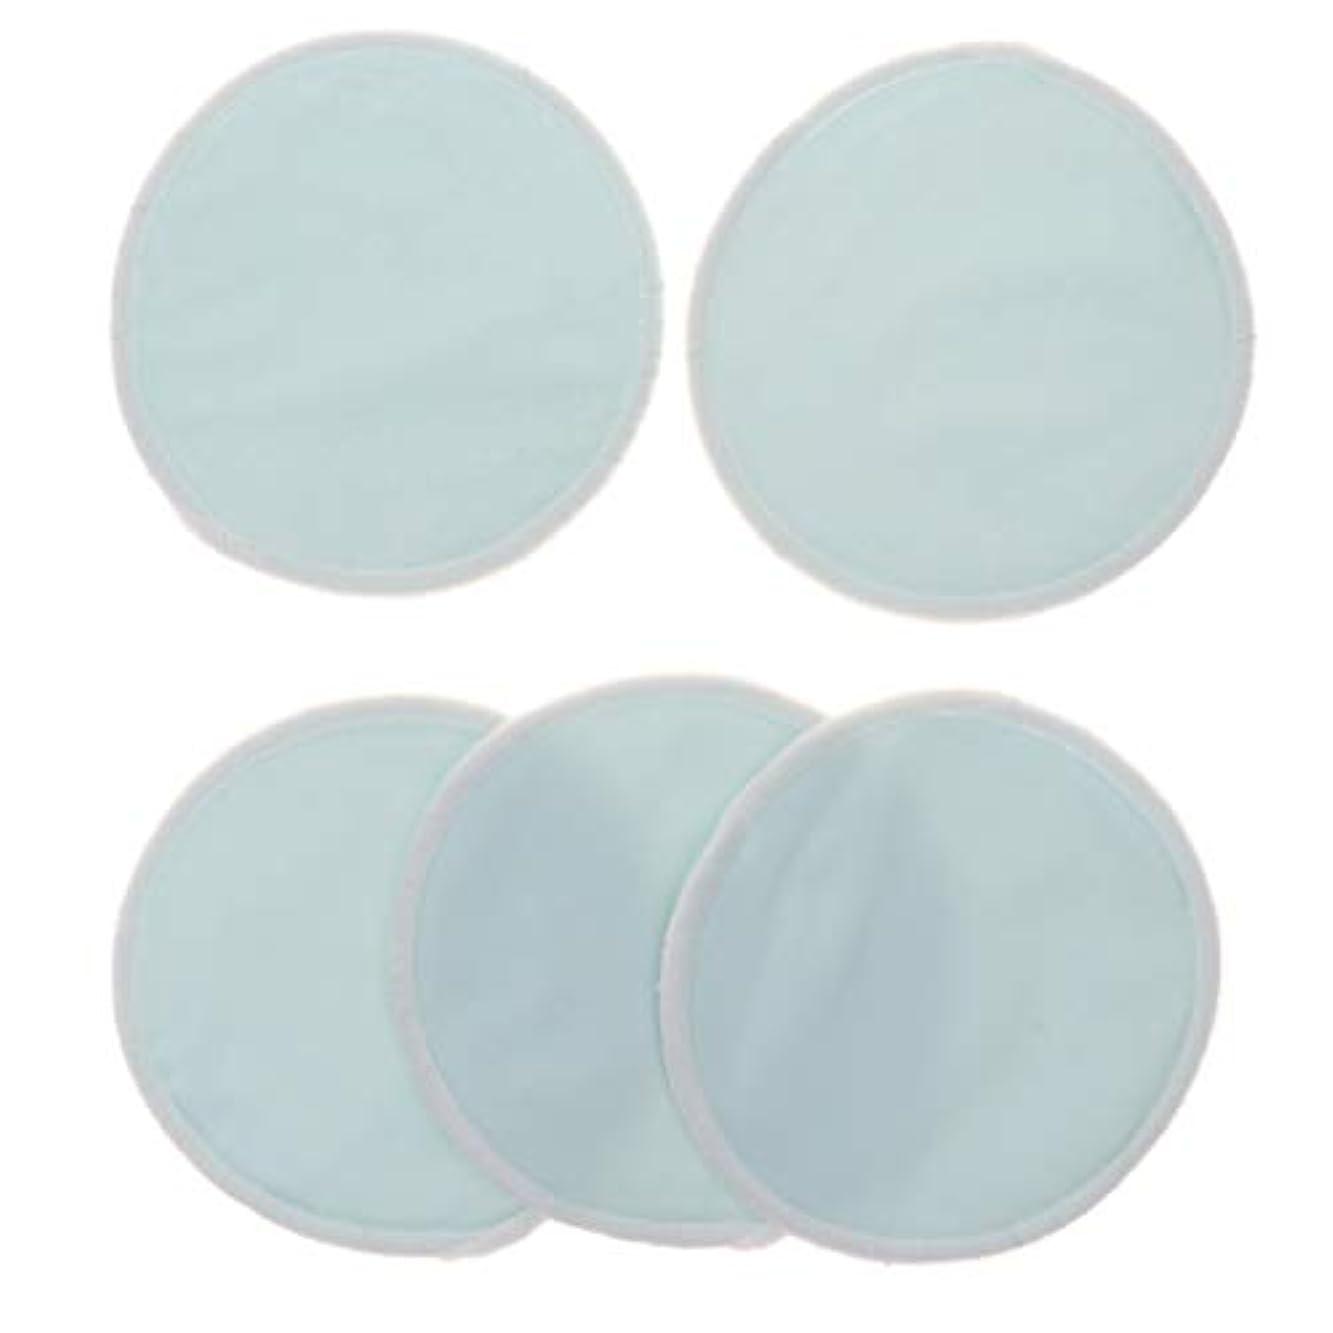 幸運なことに地理証書Fenteer 5個 クレンジングシート 胸パッド 化粧用 竹繊維 円形 12cm 洗える 再使用可能 耐久性 全5色 - 青